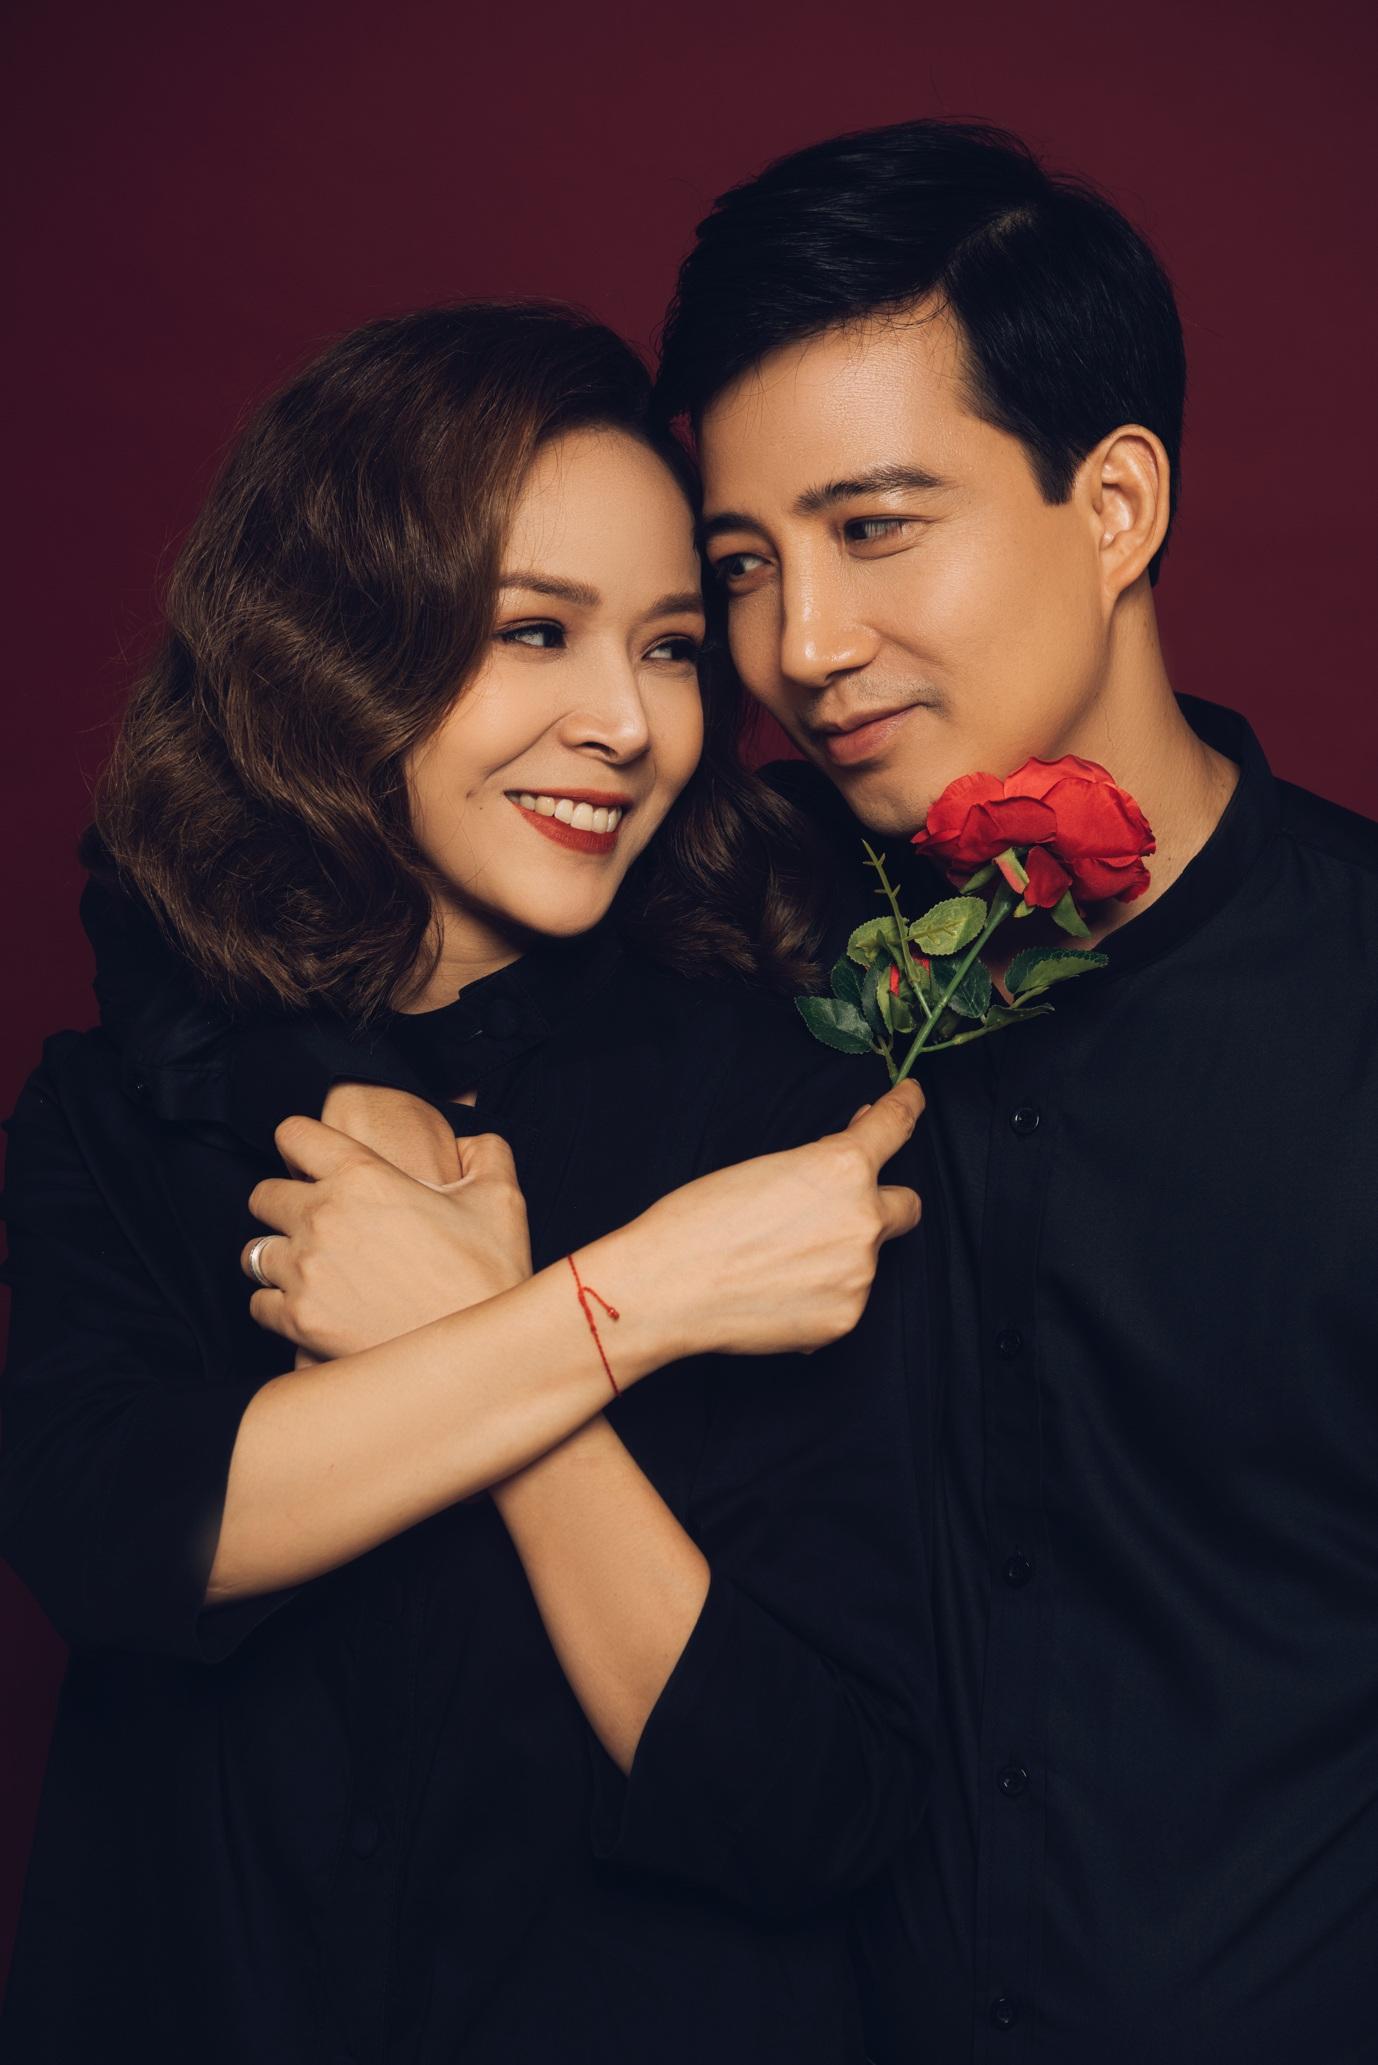 """Nữ diễn viên """"đanh đá nhất màn ảnh Việt"""" Diễm Hương chia sẻ về chuyện hôn nhân - 4"""